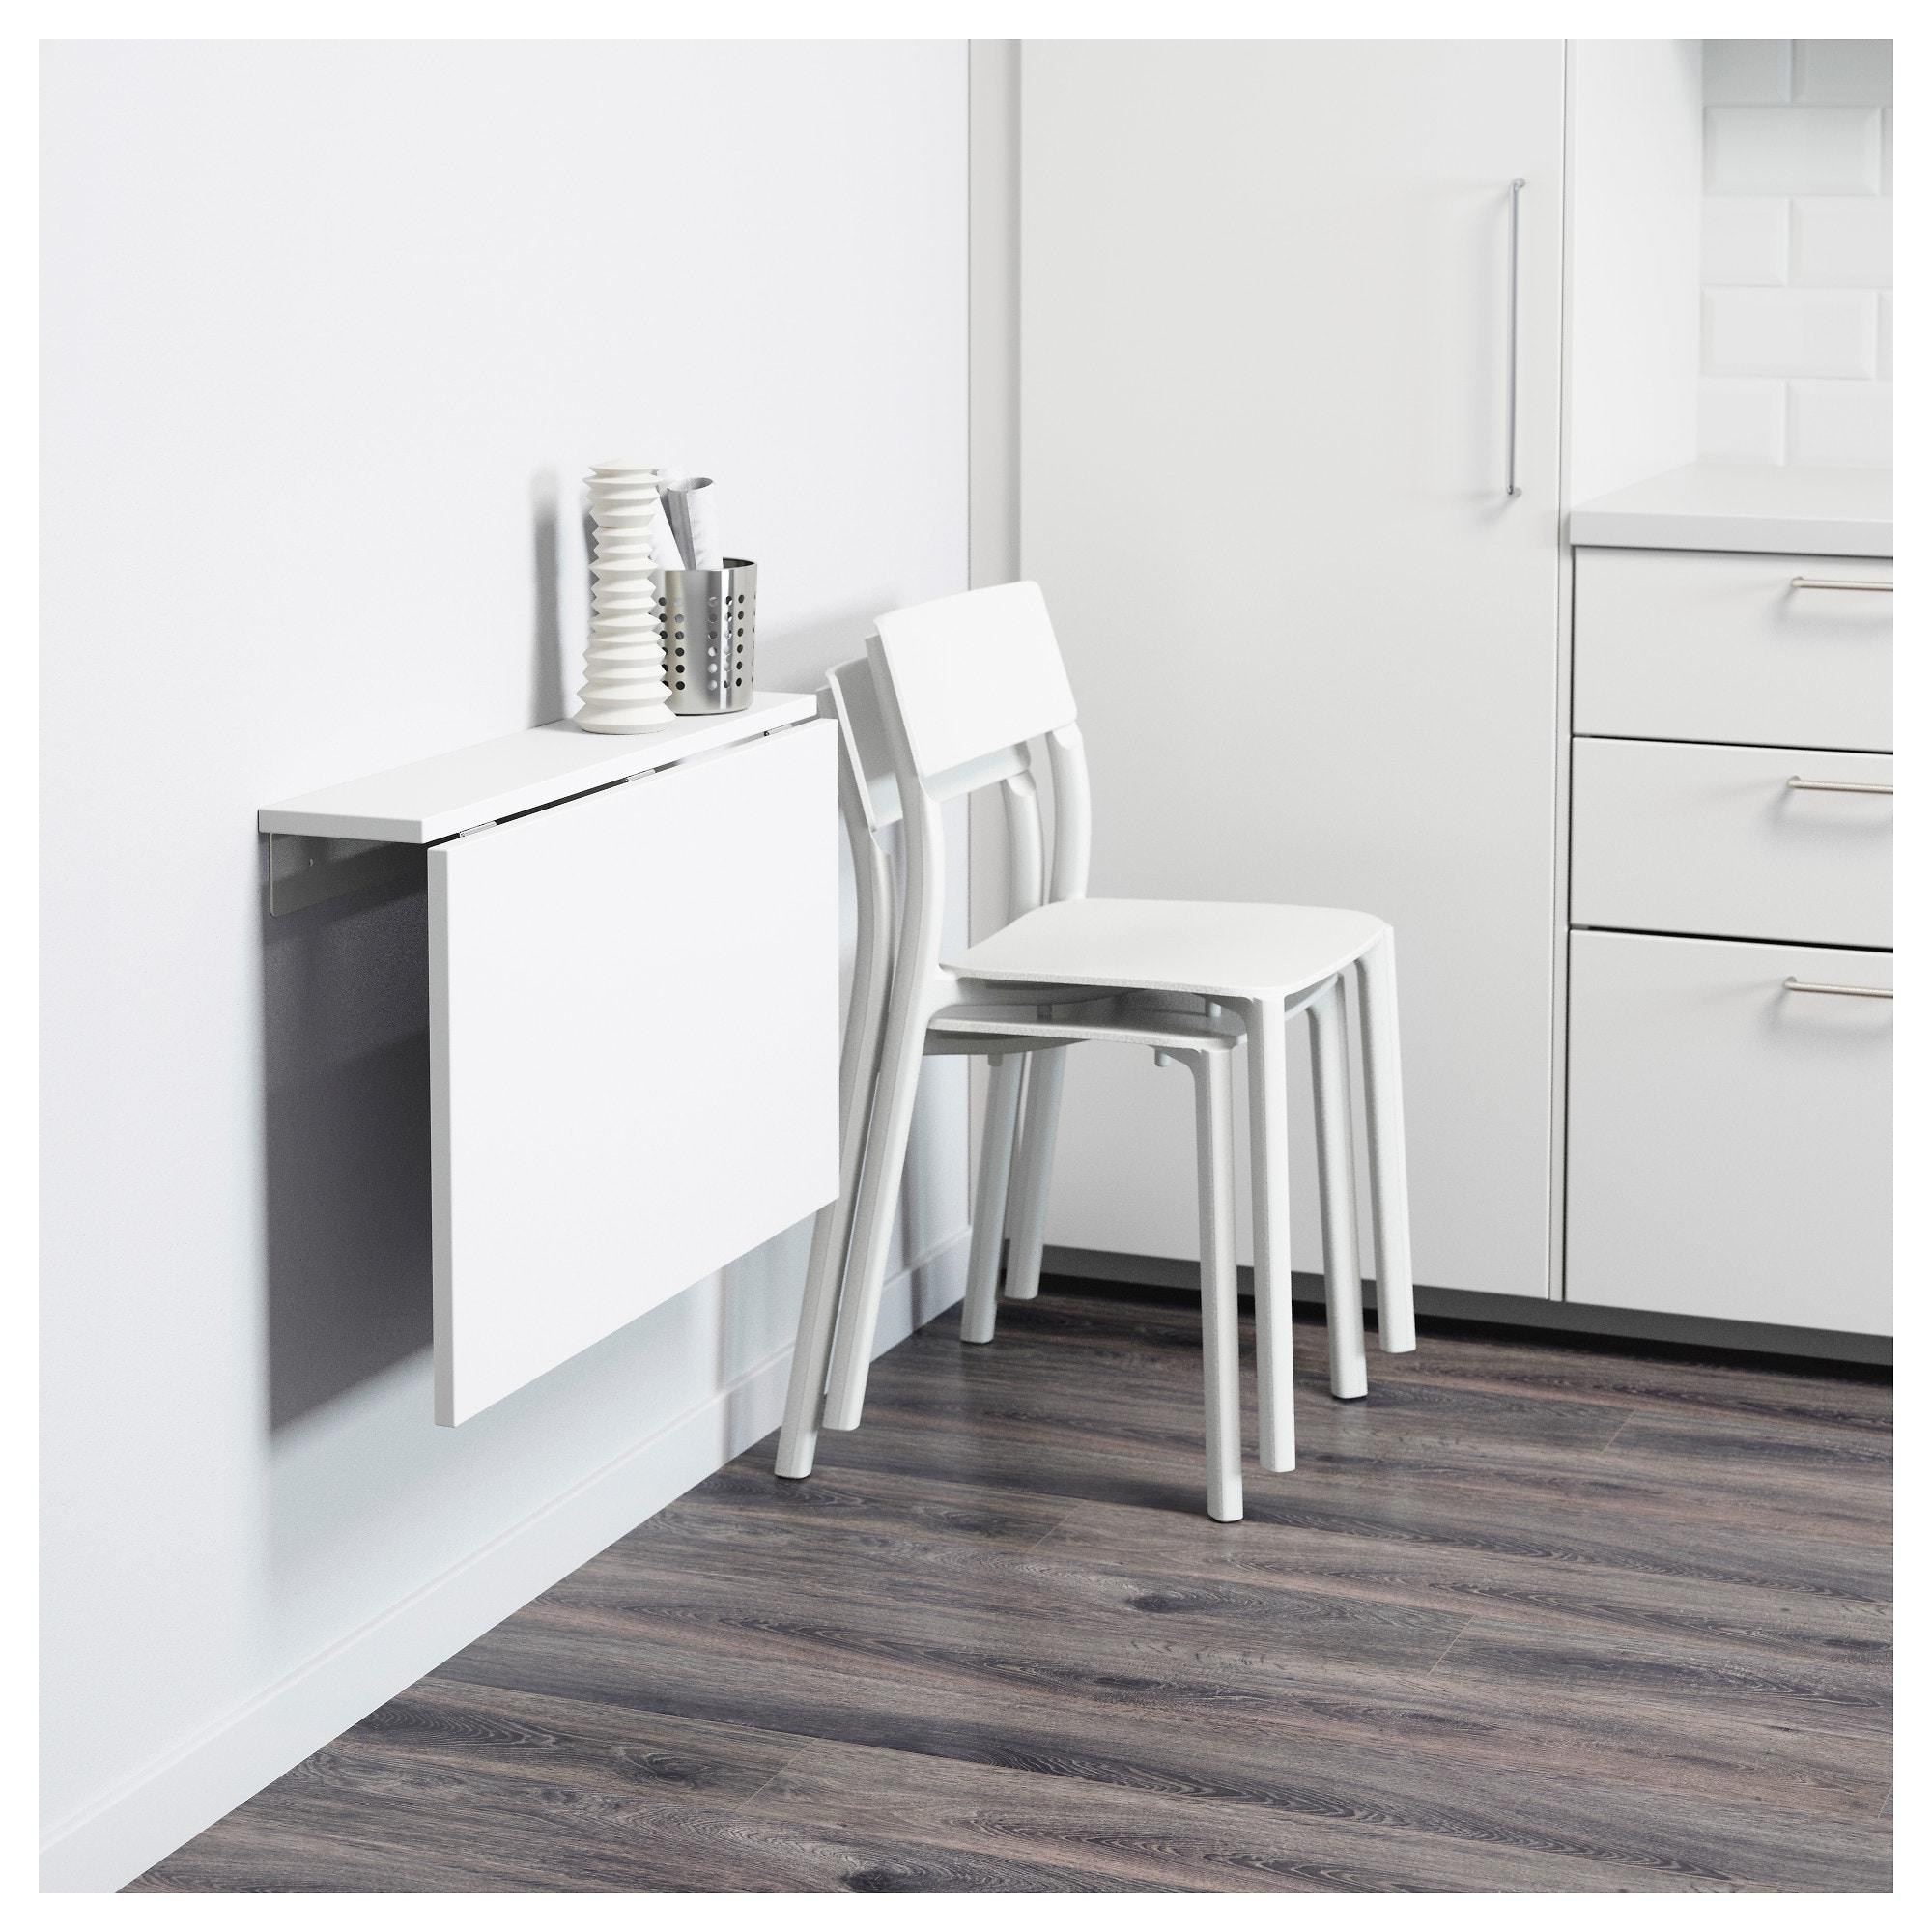 Mesa Plegable Cocina Ikea Xtd6 norberg Mesa Abatible De Pared Blanco 74 X 60 Cm Ikea